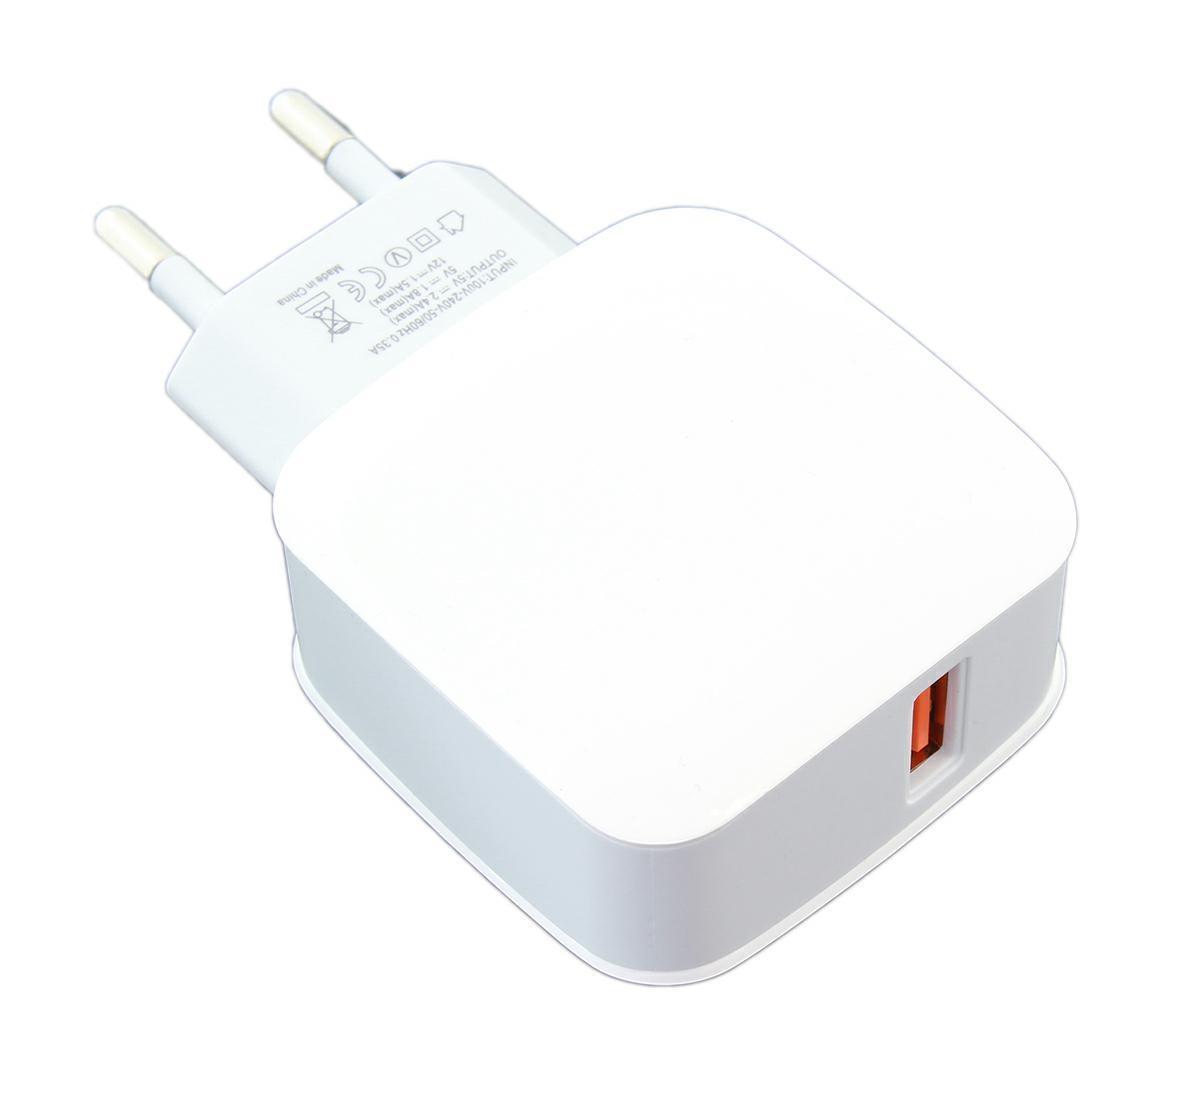 LED21 PLP37B UNIVERZÁLNÍ SÍŤOVÁ NABÍJEČKA s přepěťovou ochranou a 1x USB 3.0 2.4A